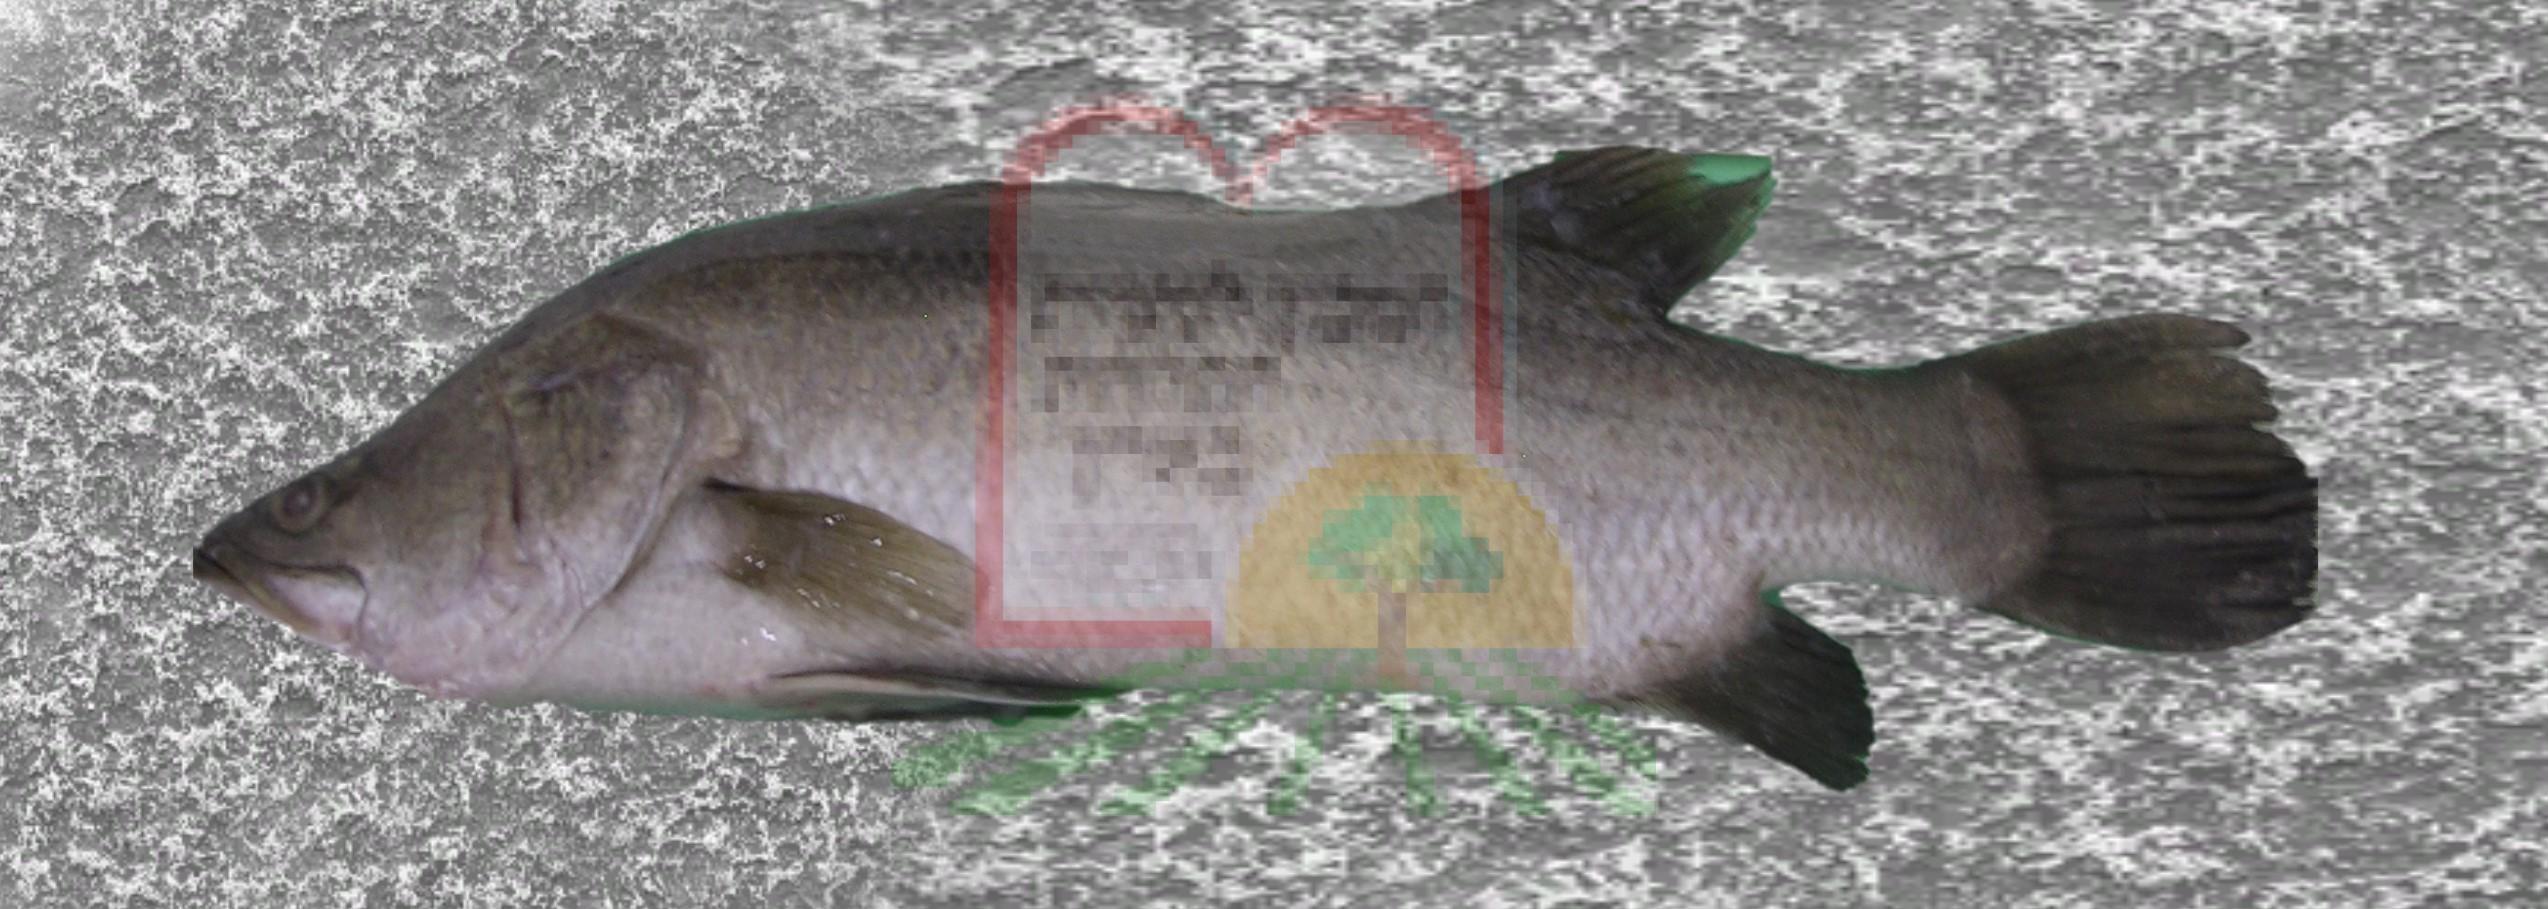 דג ברמונדי מבריכות גידול